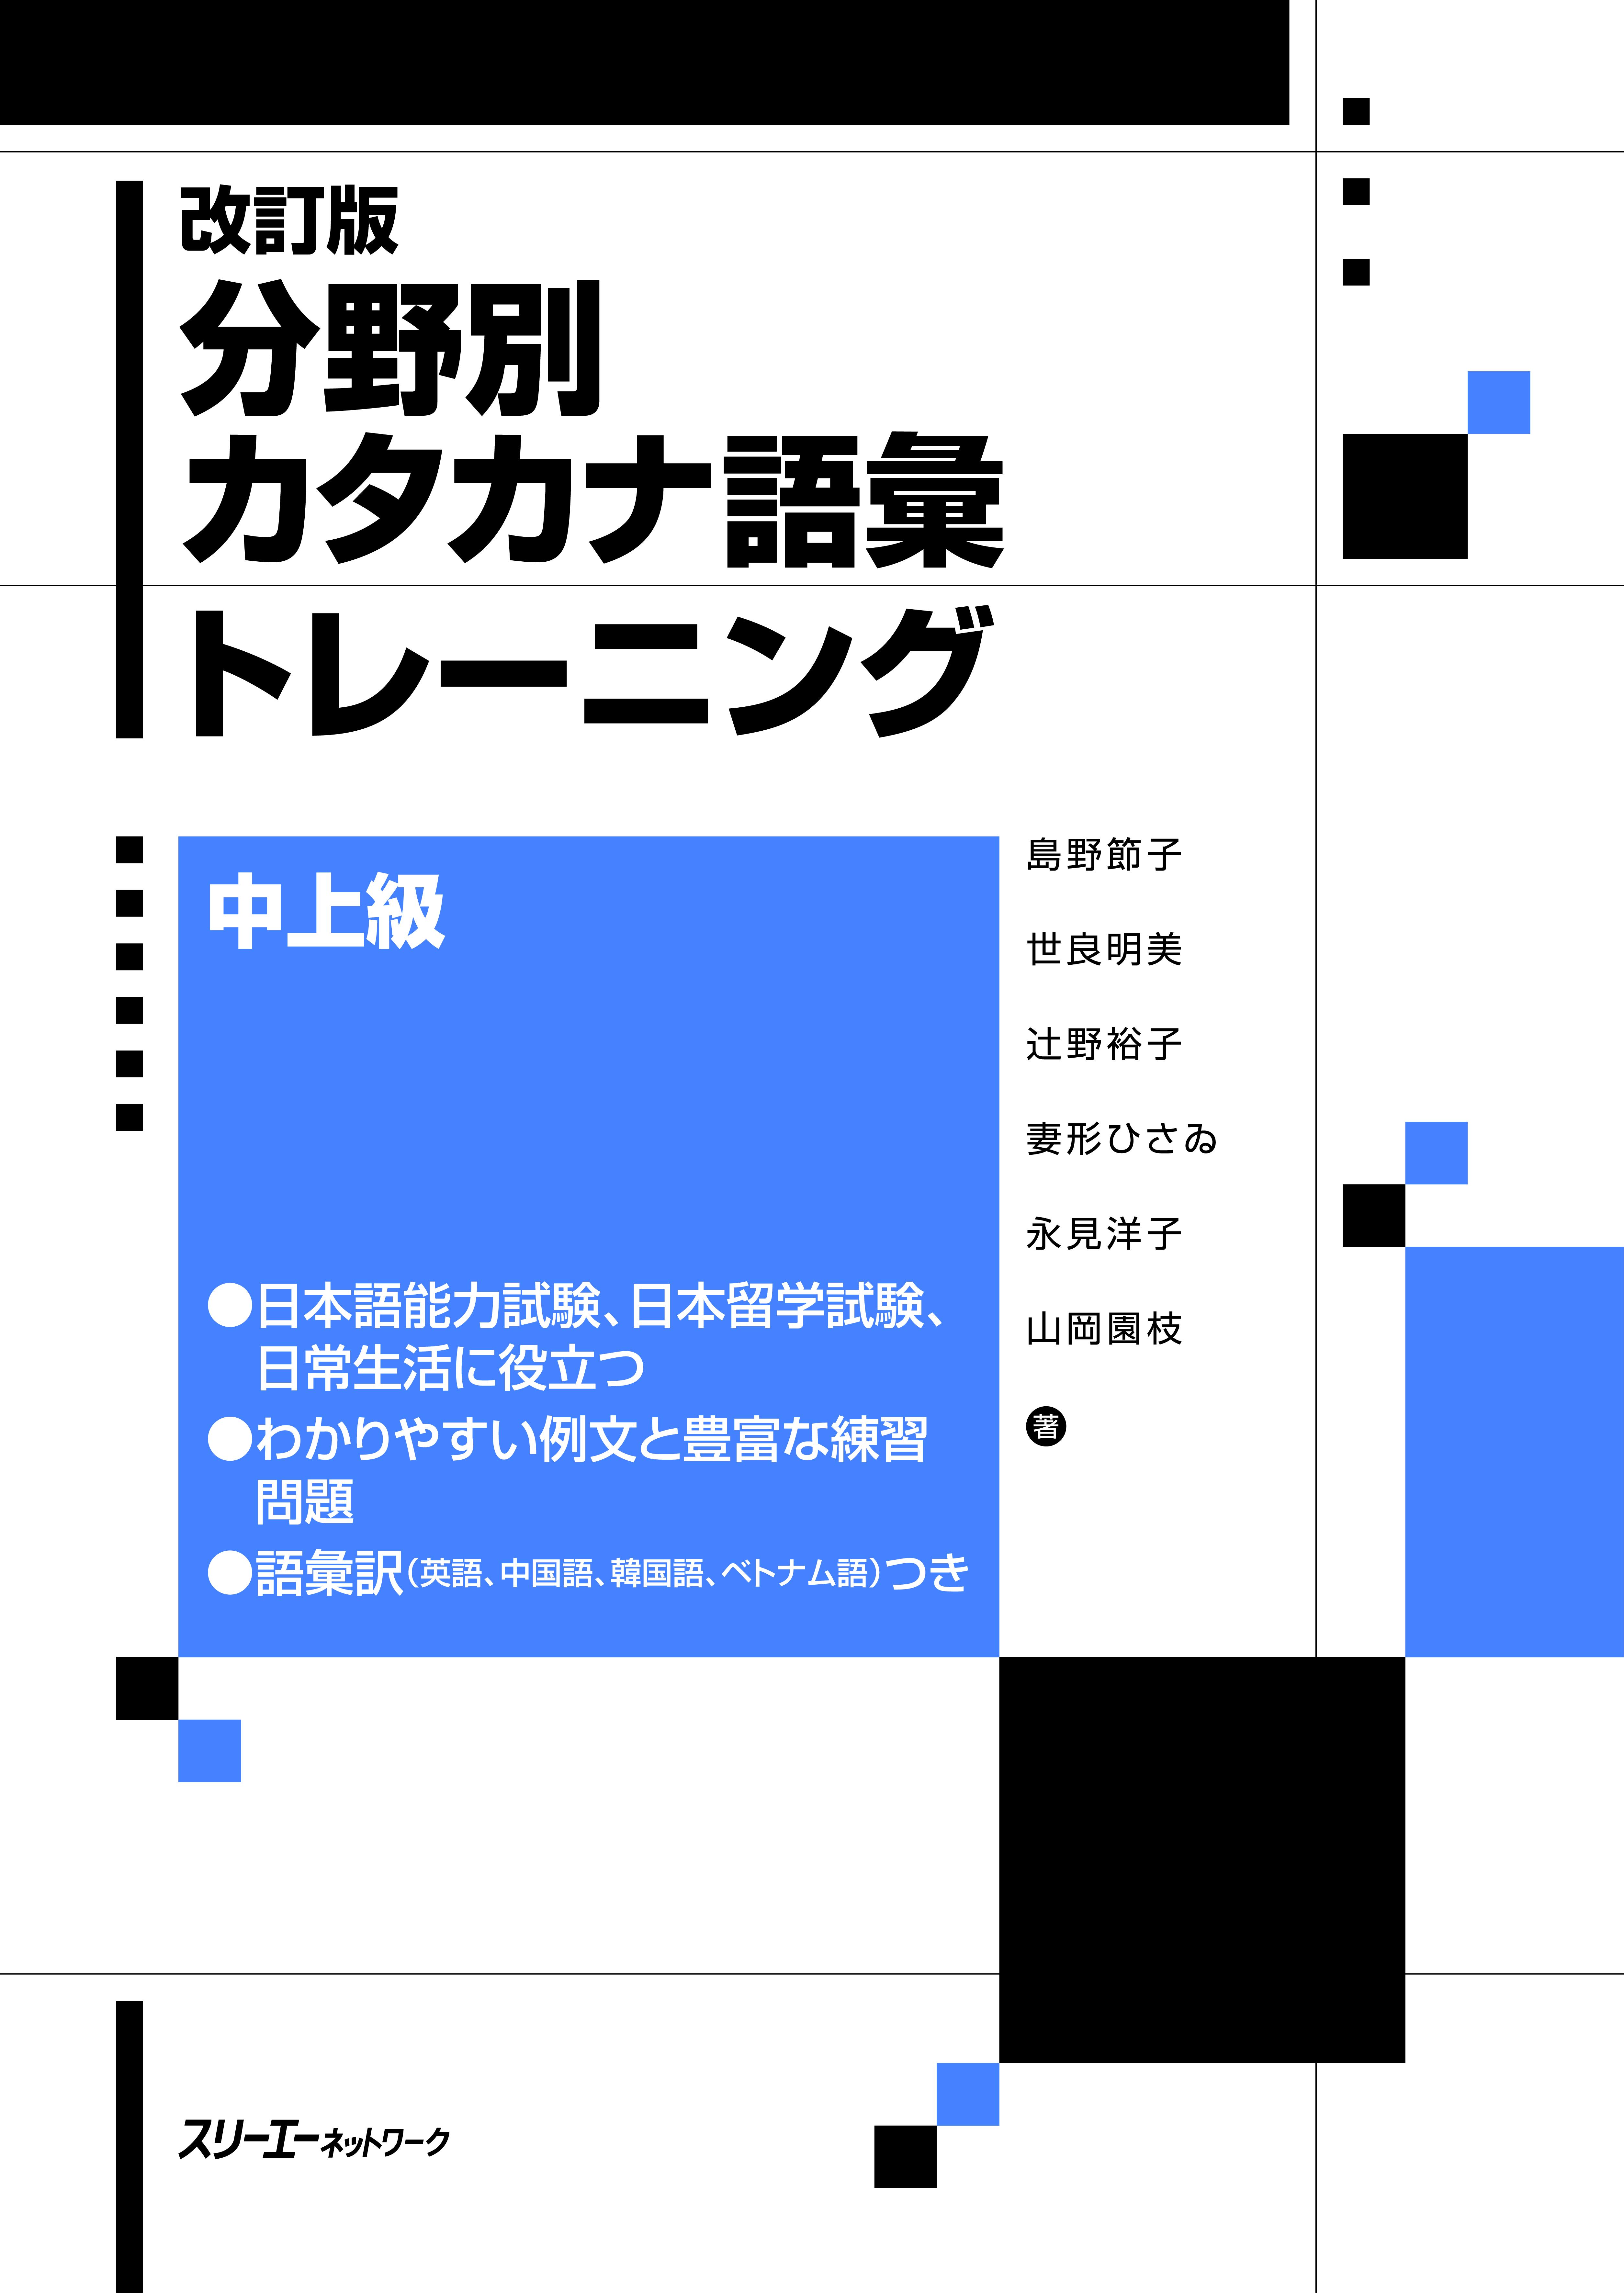 改訂版 分野別カタカナ語彙トレーニング  画像